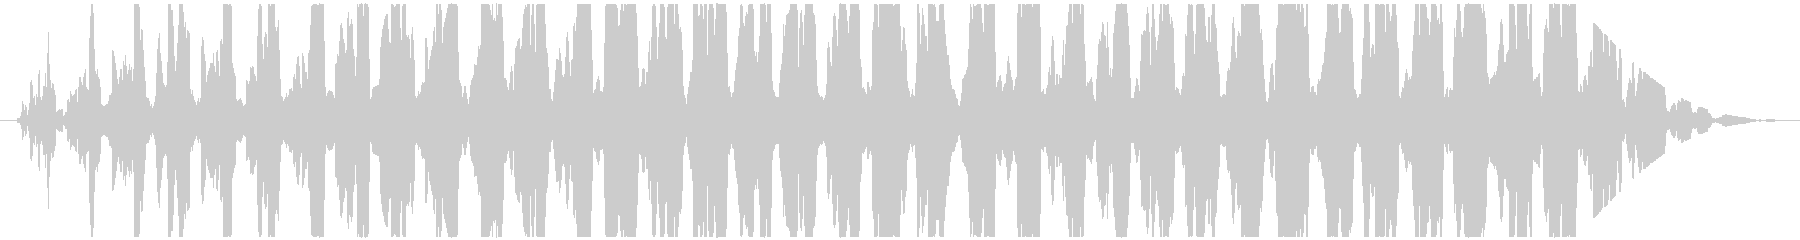 透明感のある通信音のような不思議な効果音の未再生の波形